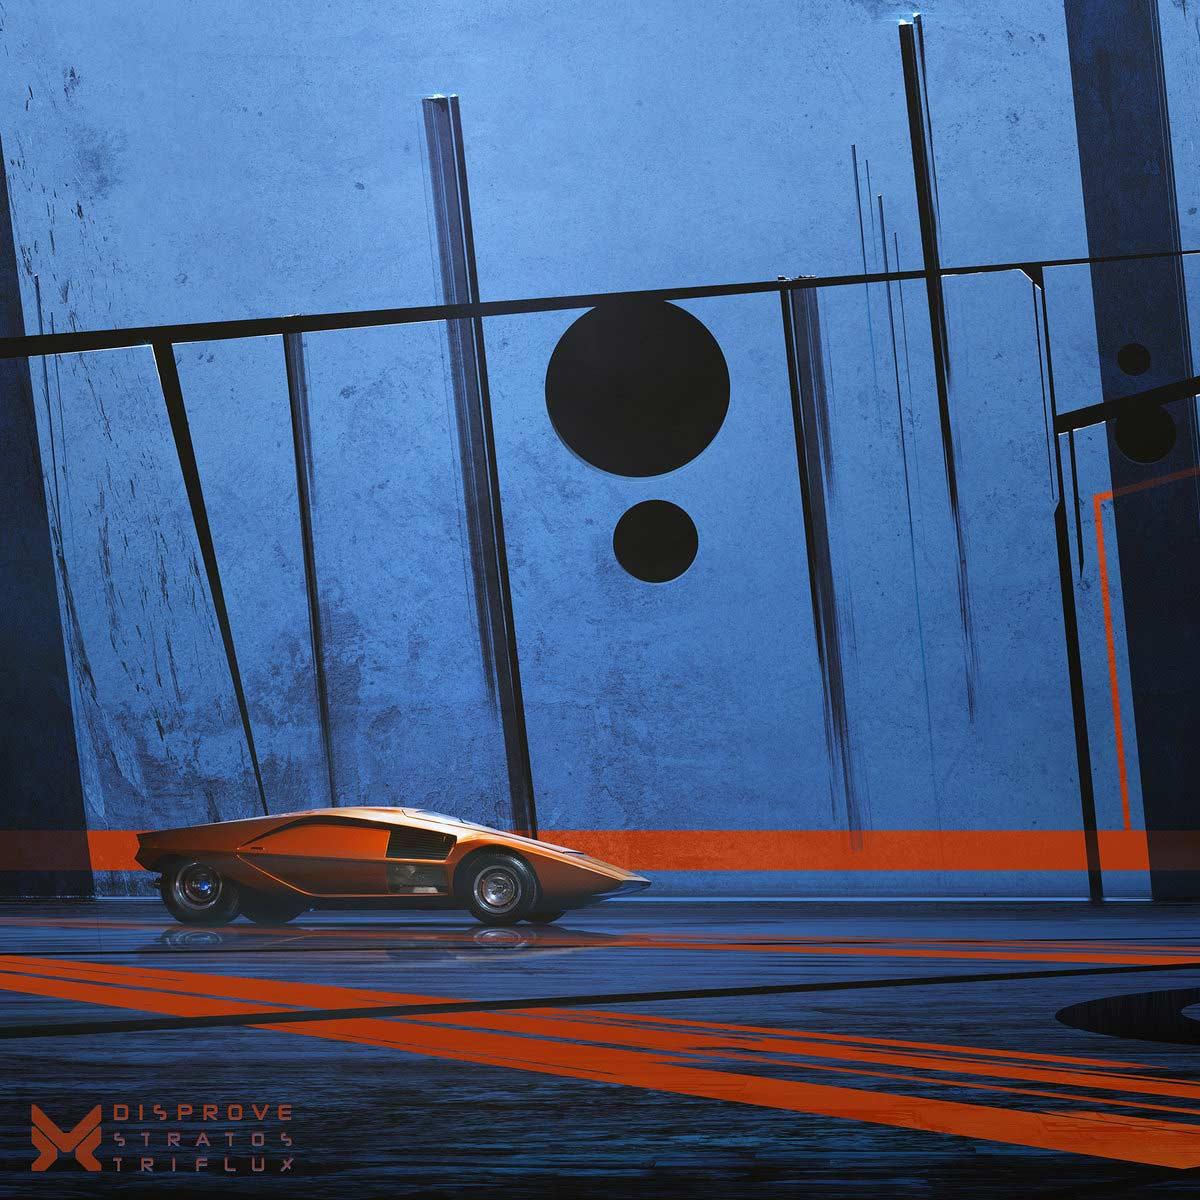 Umut präsentiert: Disprove – Stratos / Triflux [MLS014]